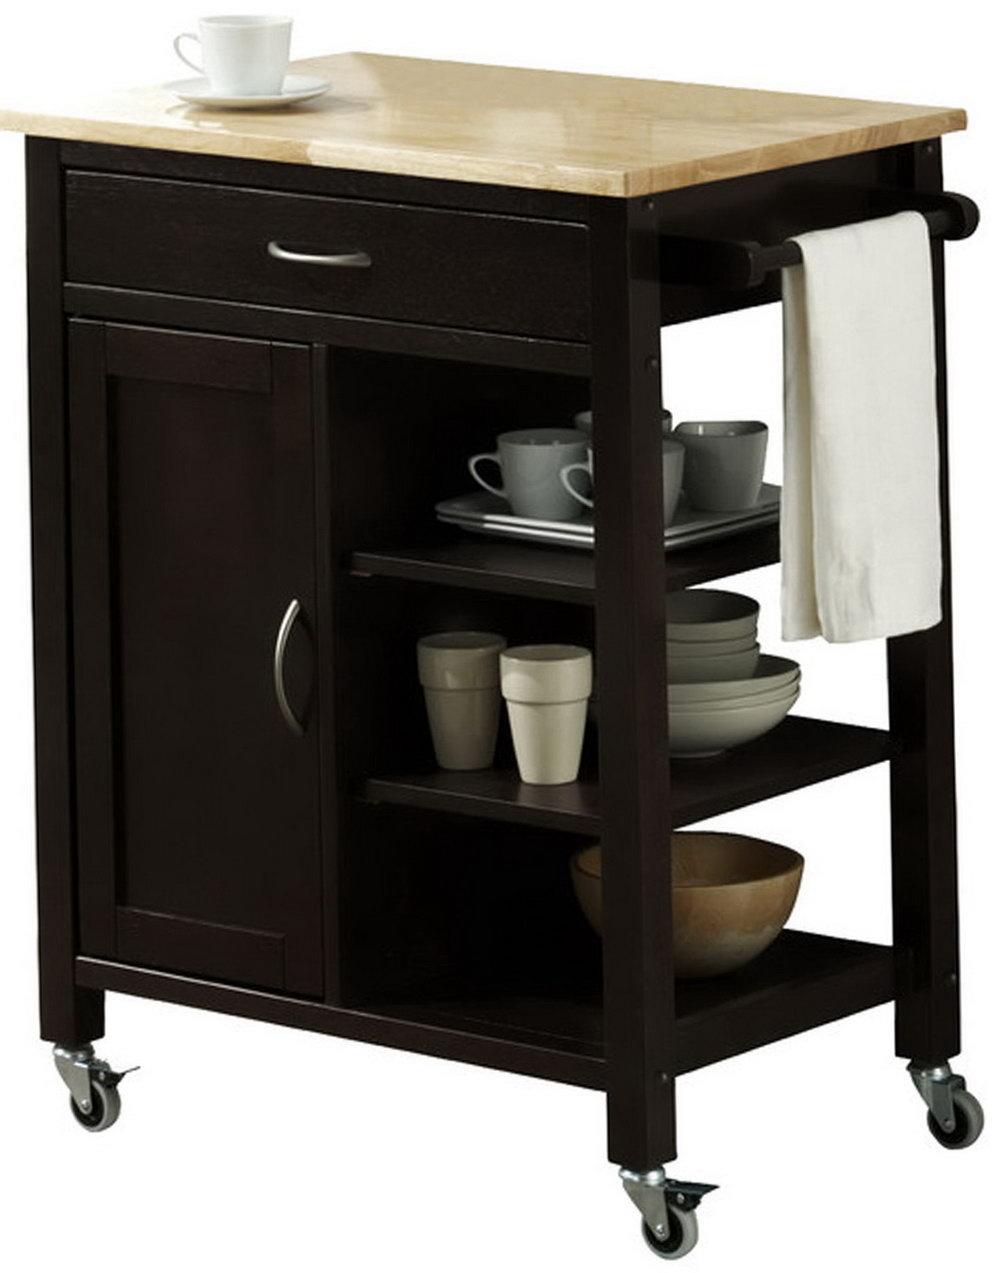 Kitchen Utility Cabinet Storage